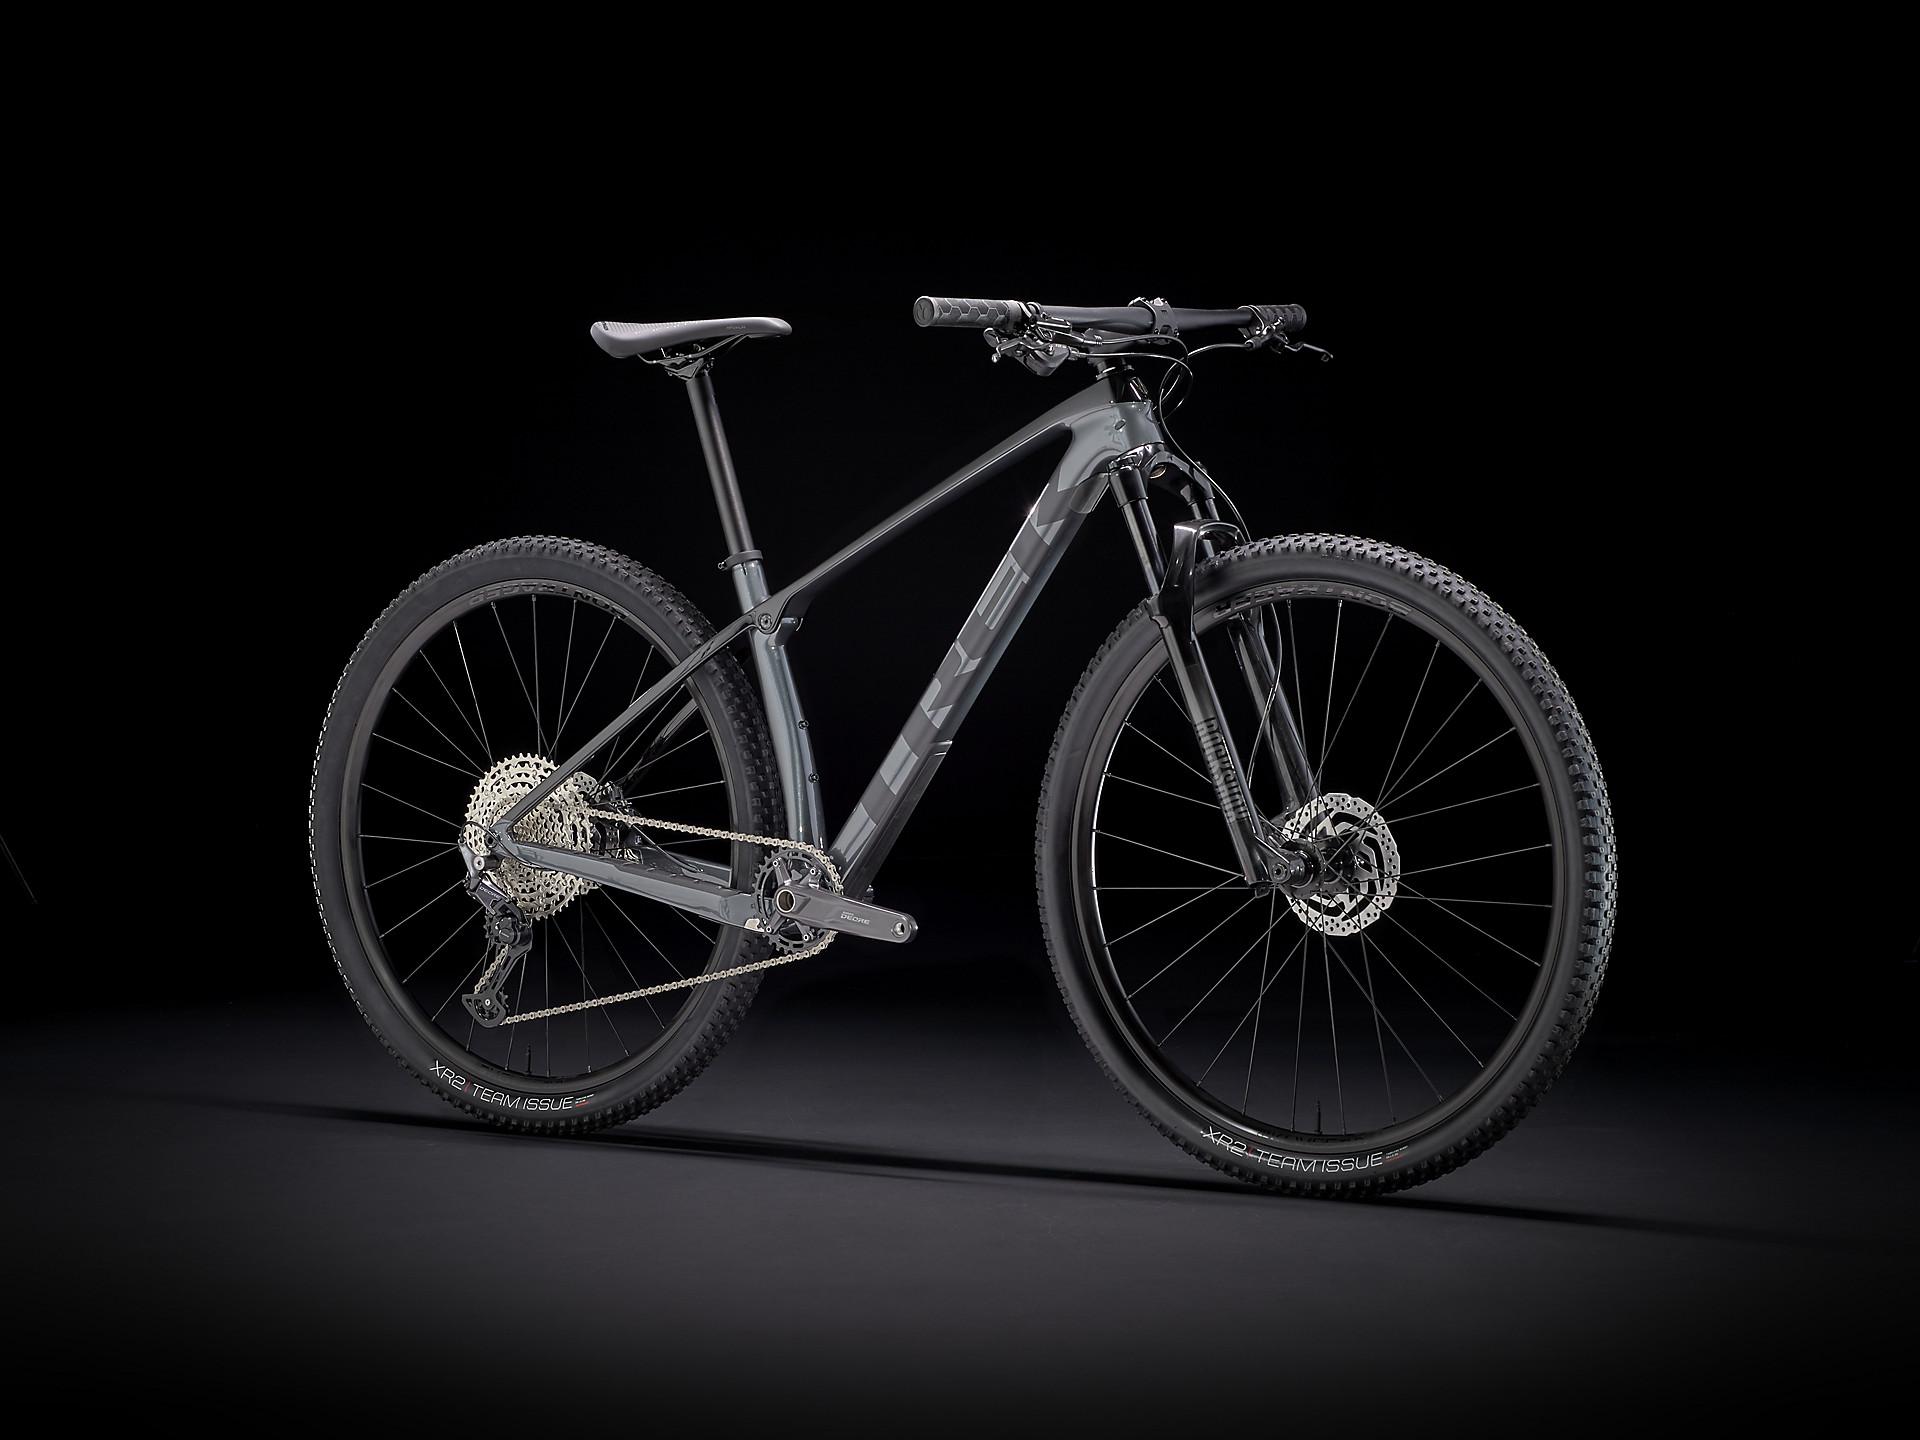 Bicicleta lançamento 2021, Trek Procaliber 9.5